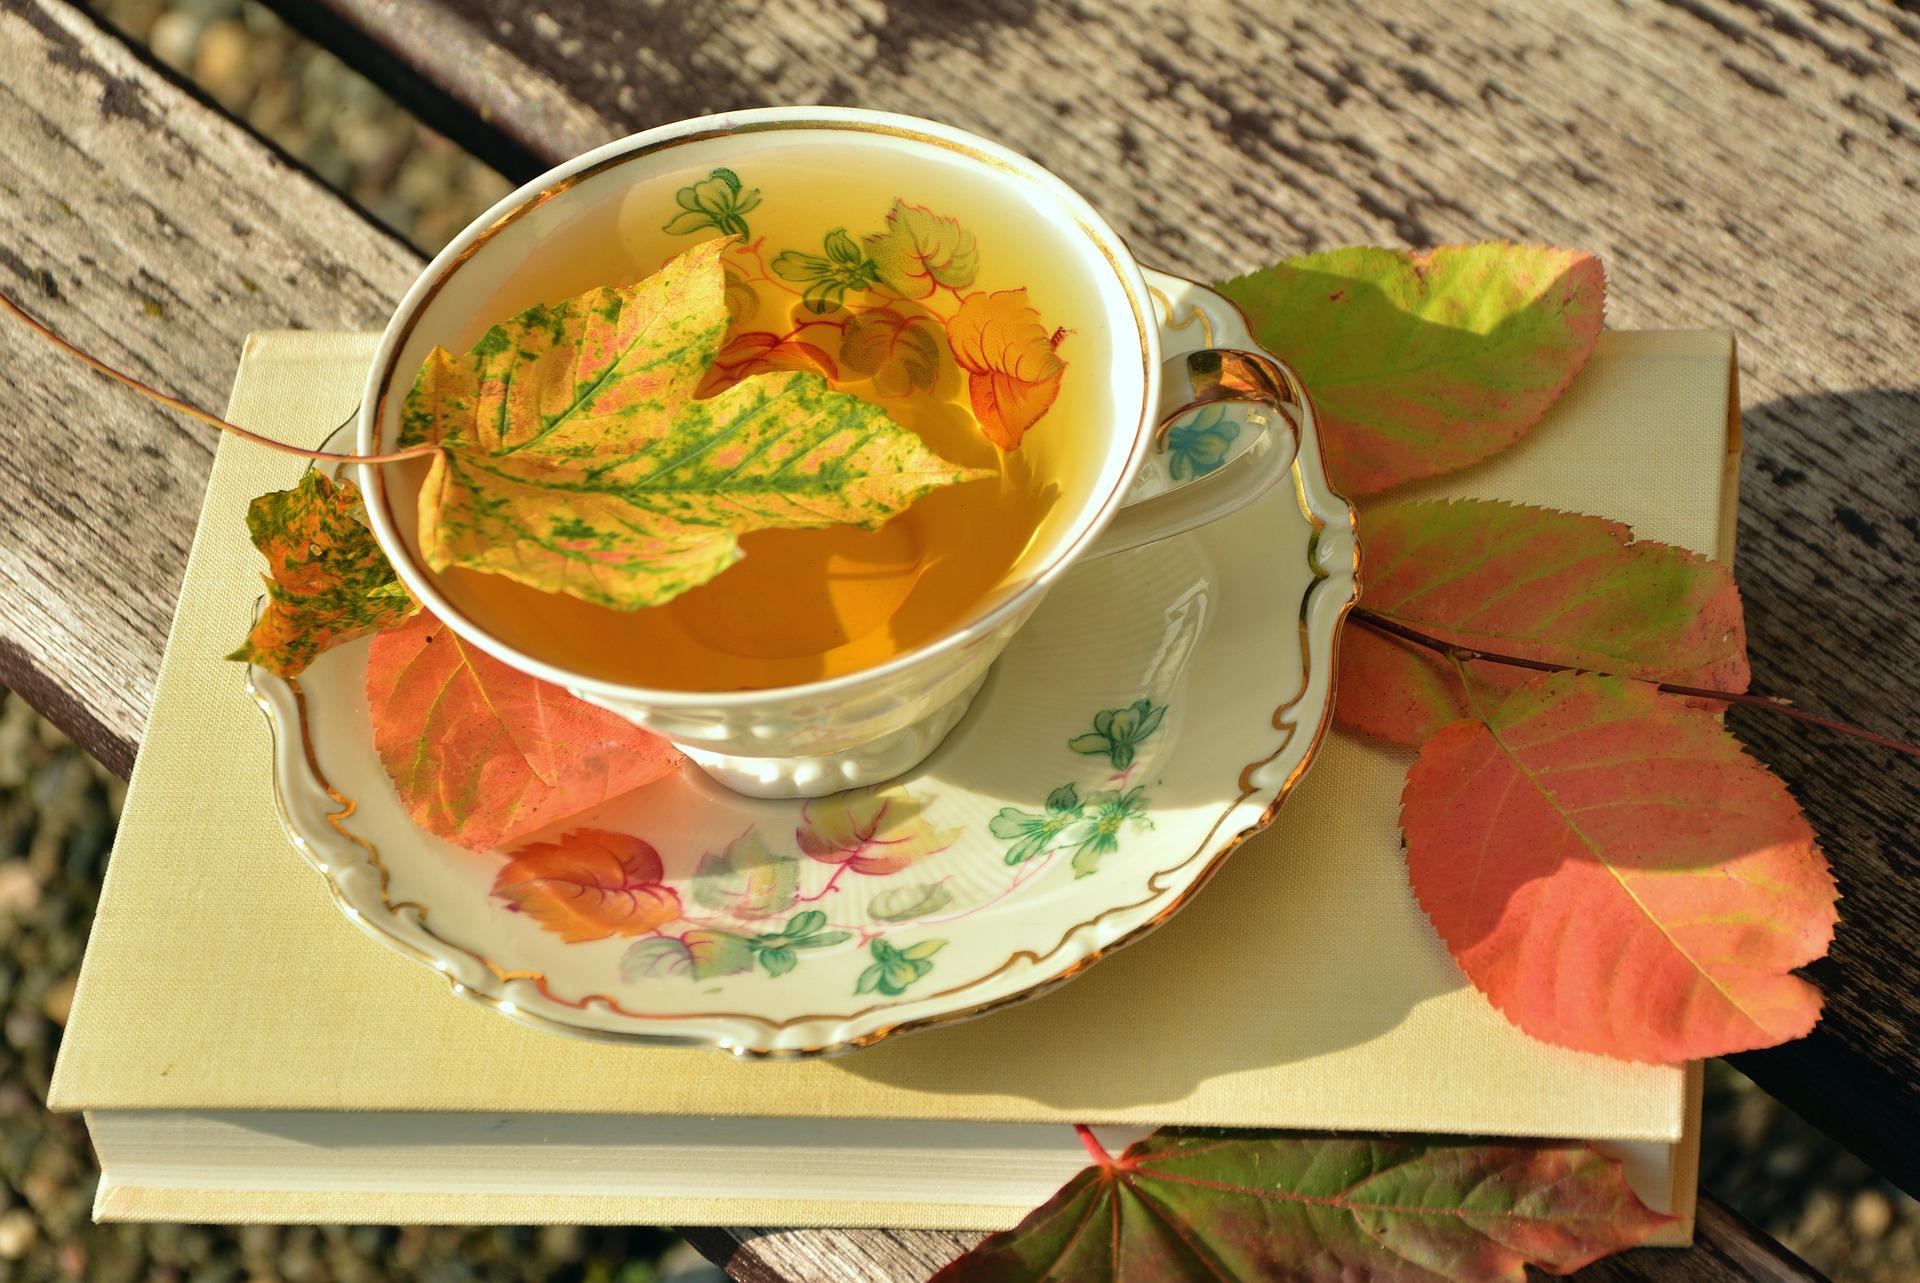 Teetasse mit herbstlichen Blättern auf einem Buch